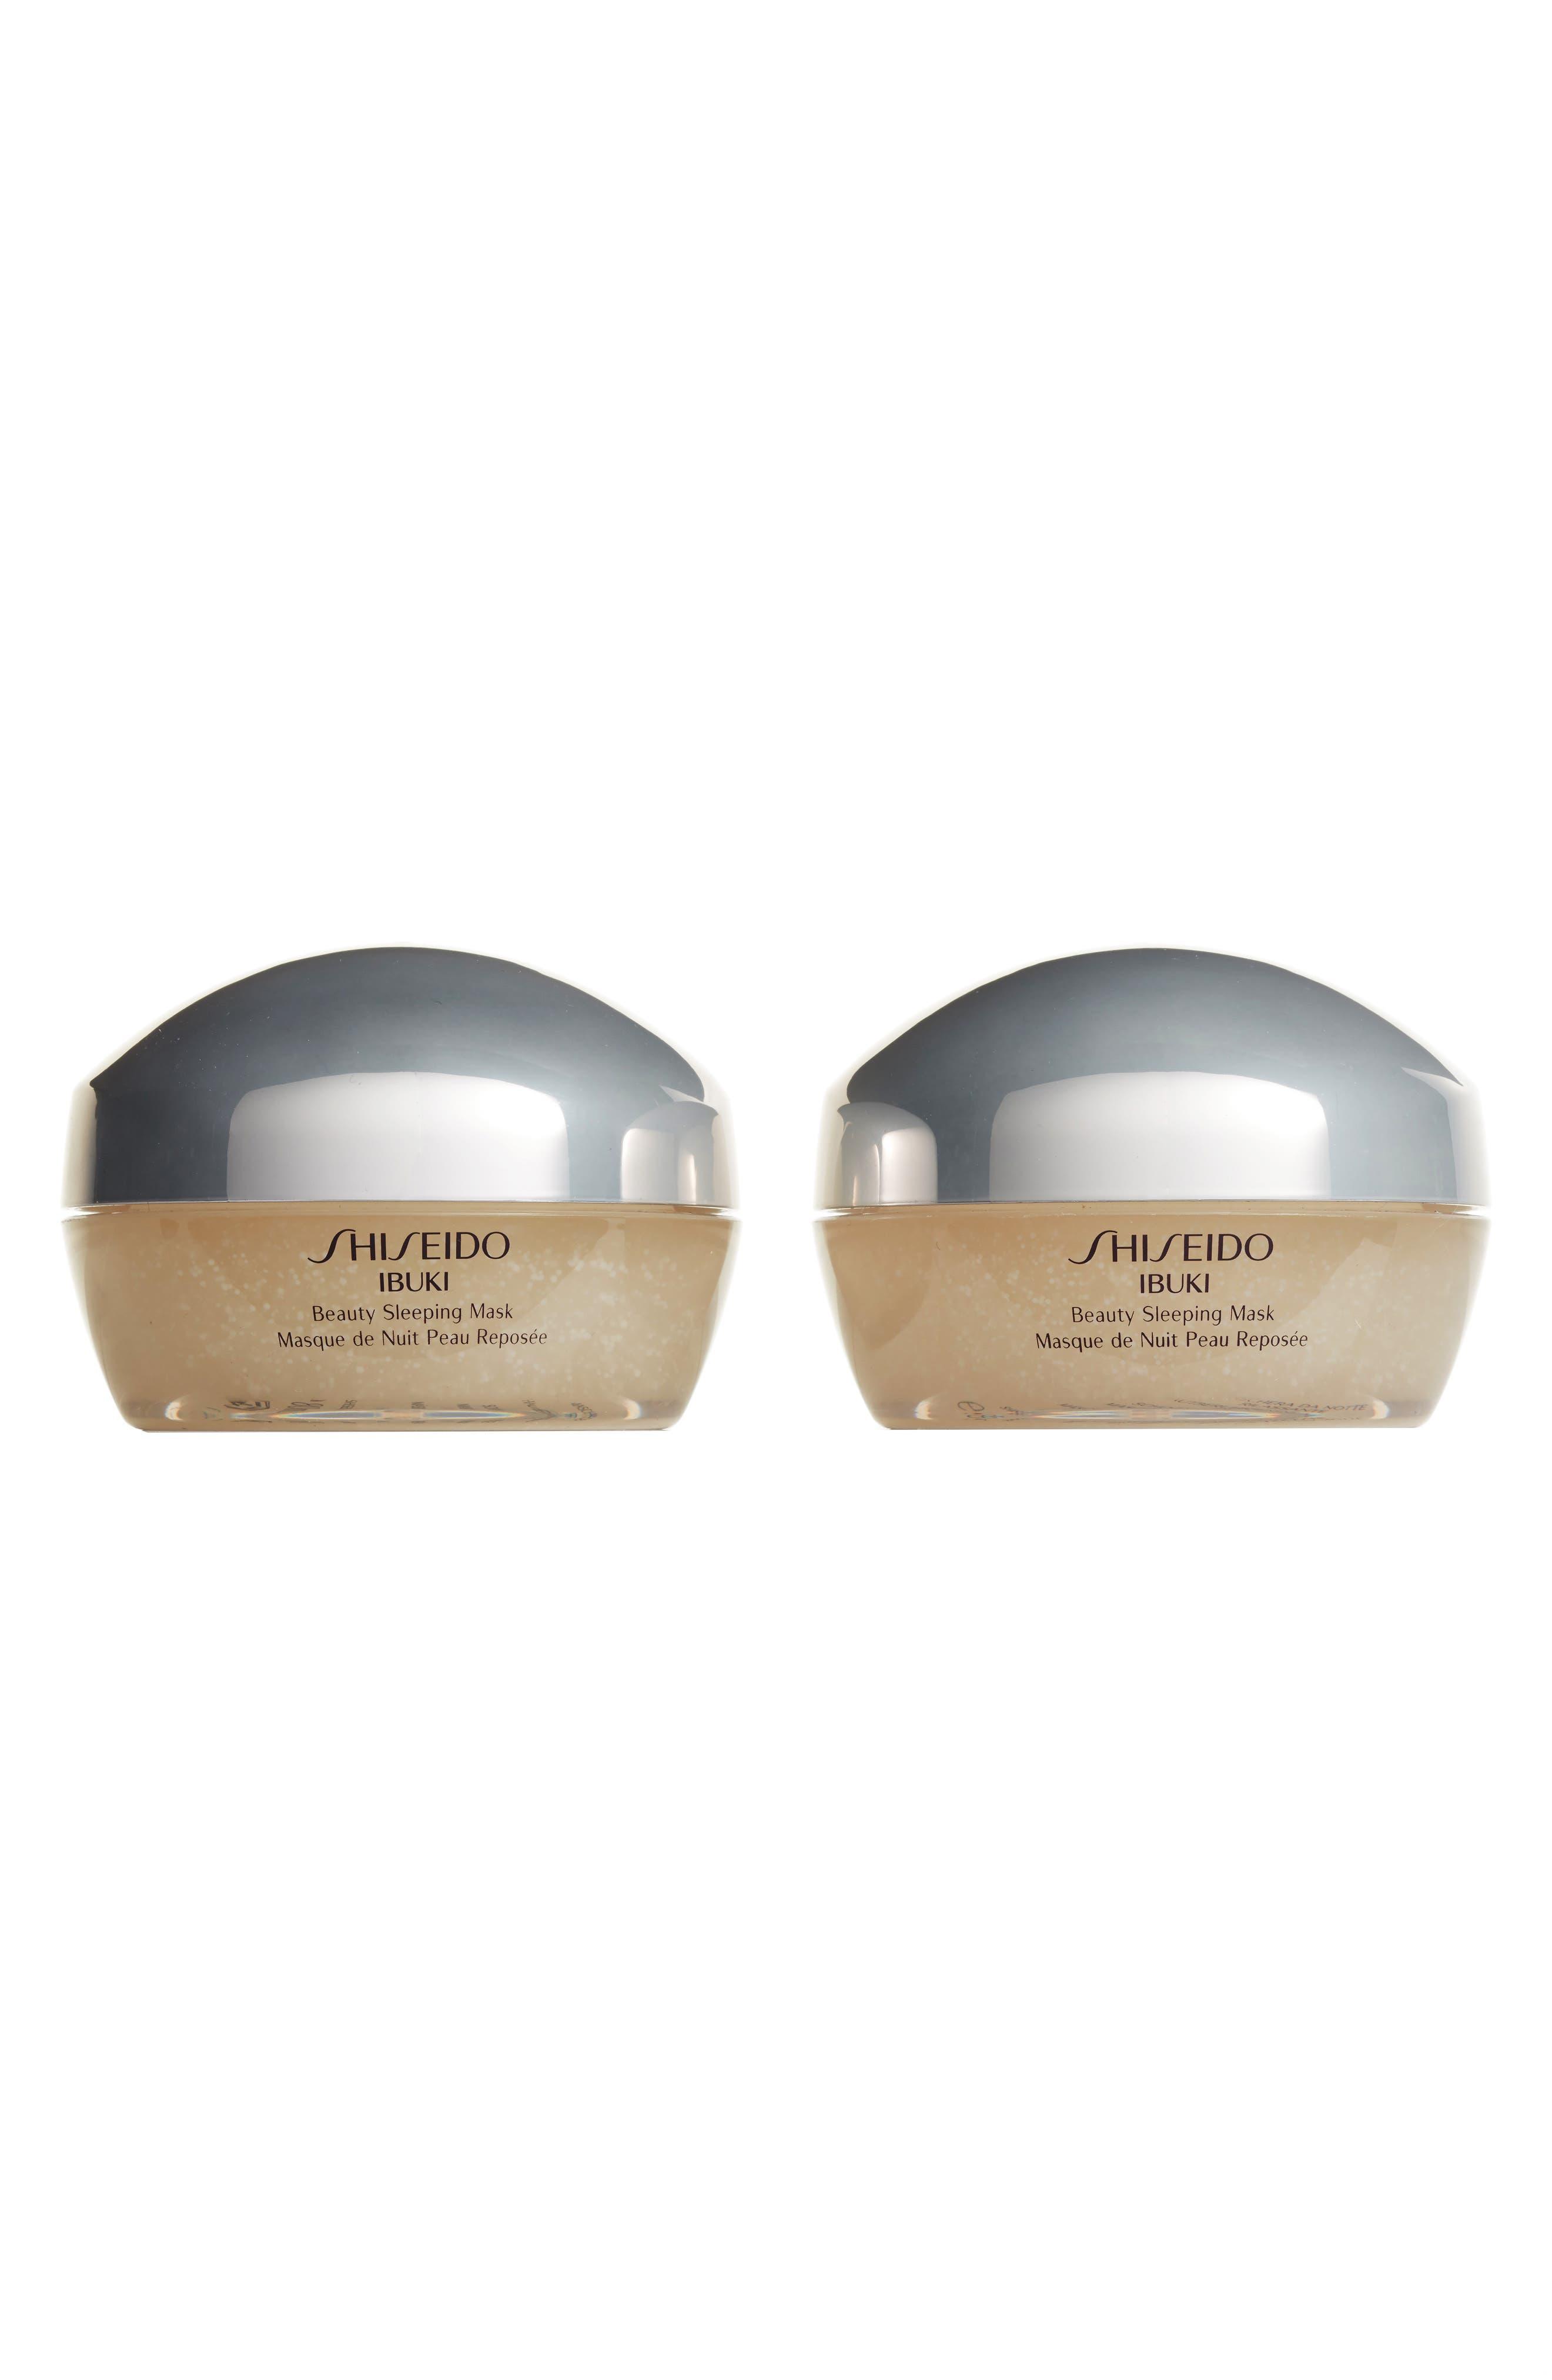 Shiseido Ibuki Beauty Sleeping Mask Duo ($80 Value)